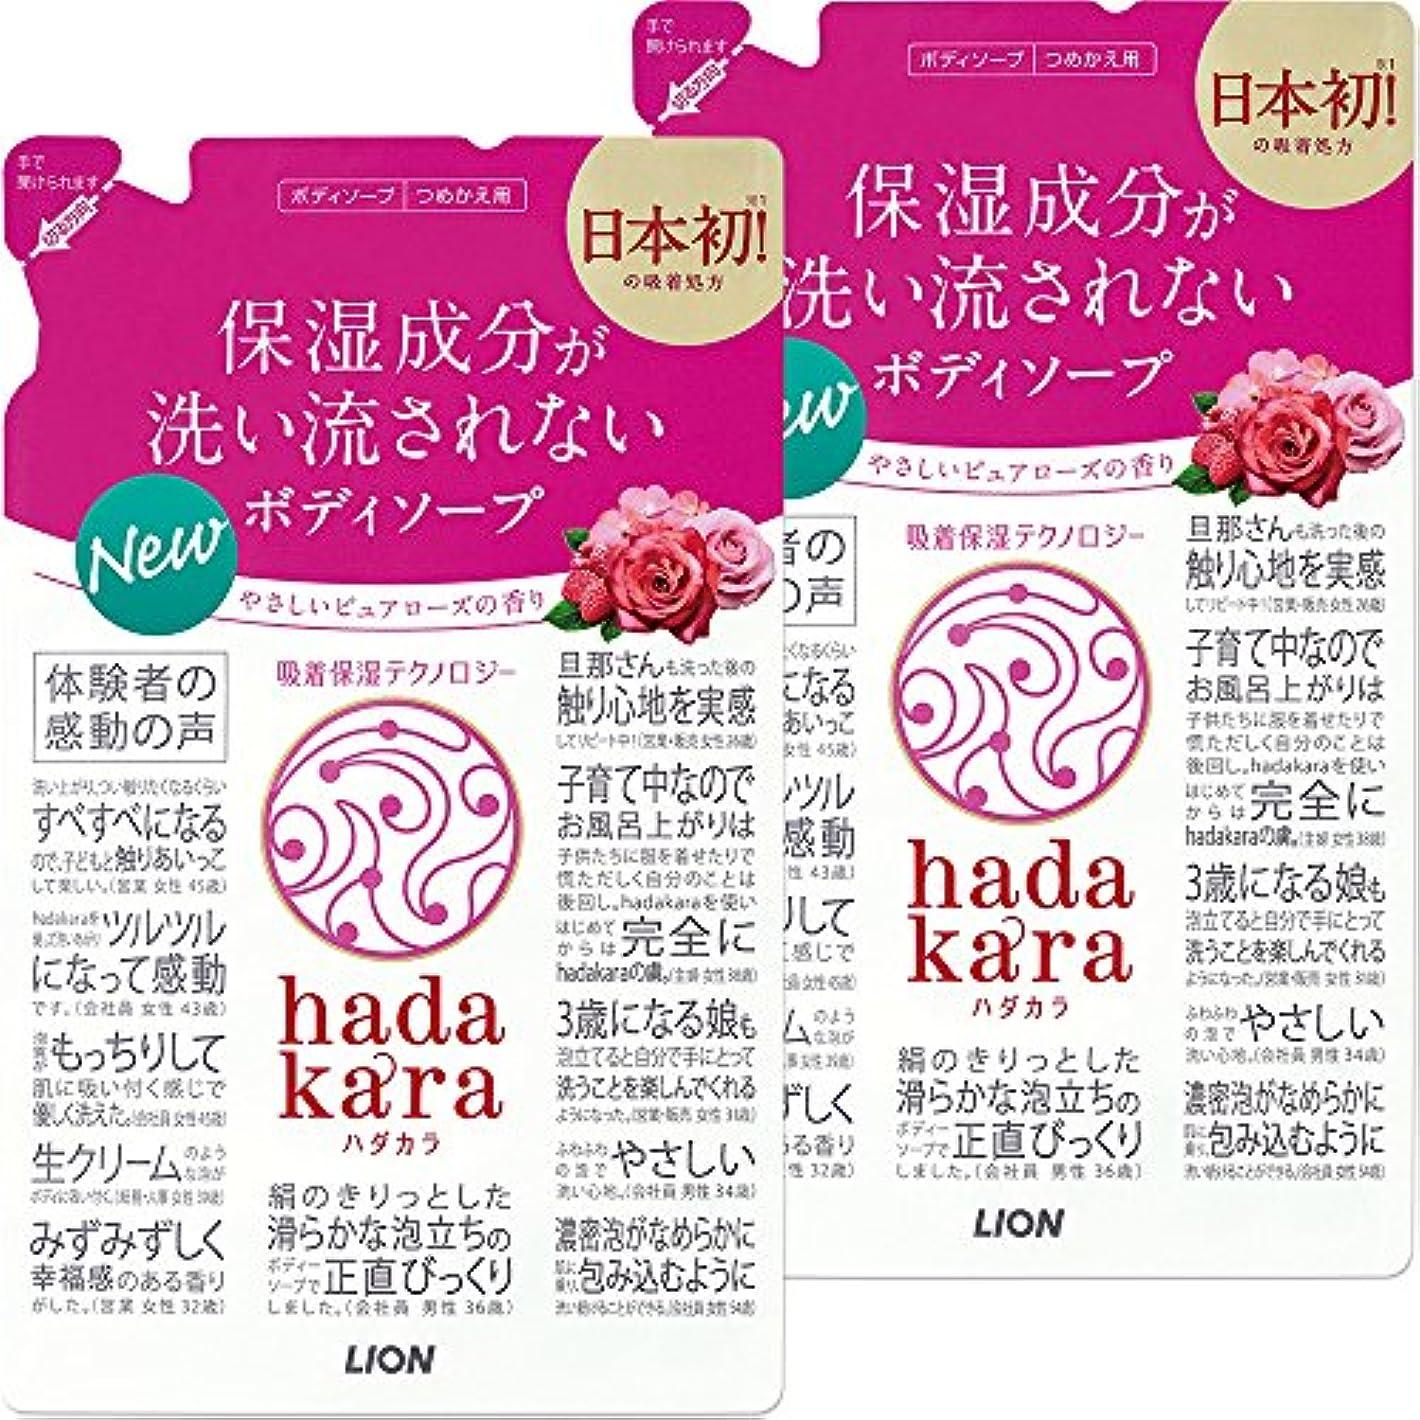 猟犬もう一度プロジェクター【まとめ買い】hadakara(ハダカラ) ボディソープ ピュアローズの香り 詰め替え 360ml×2個パック